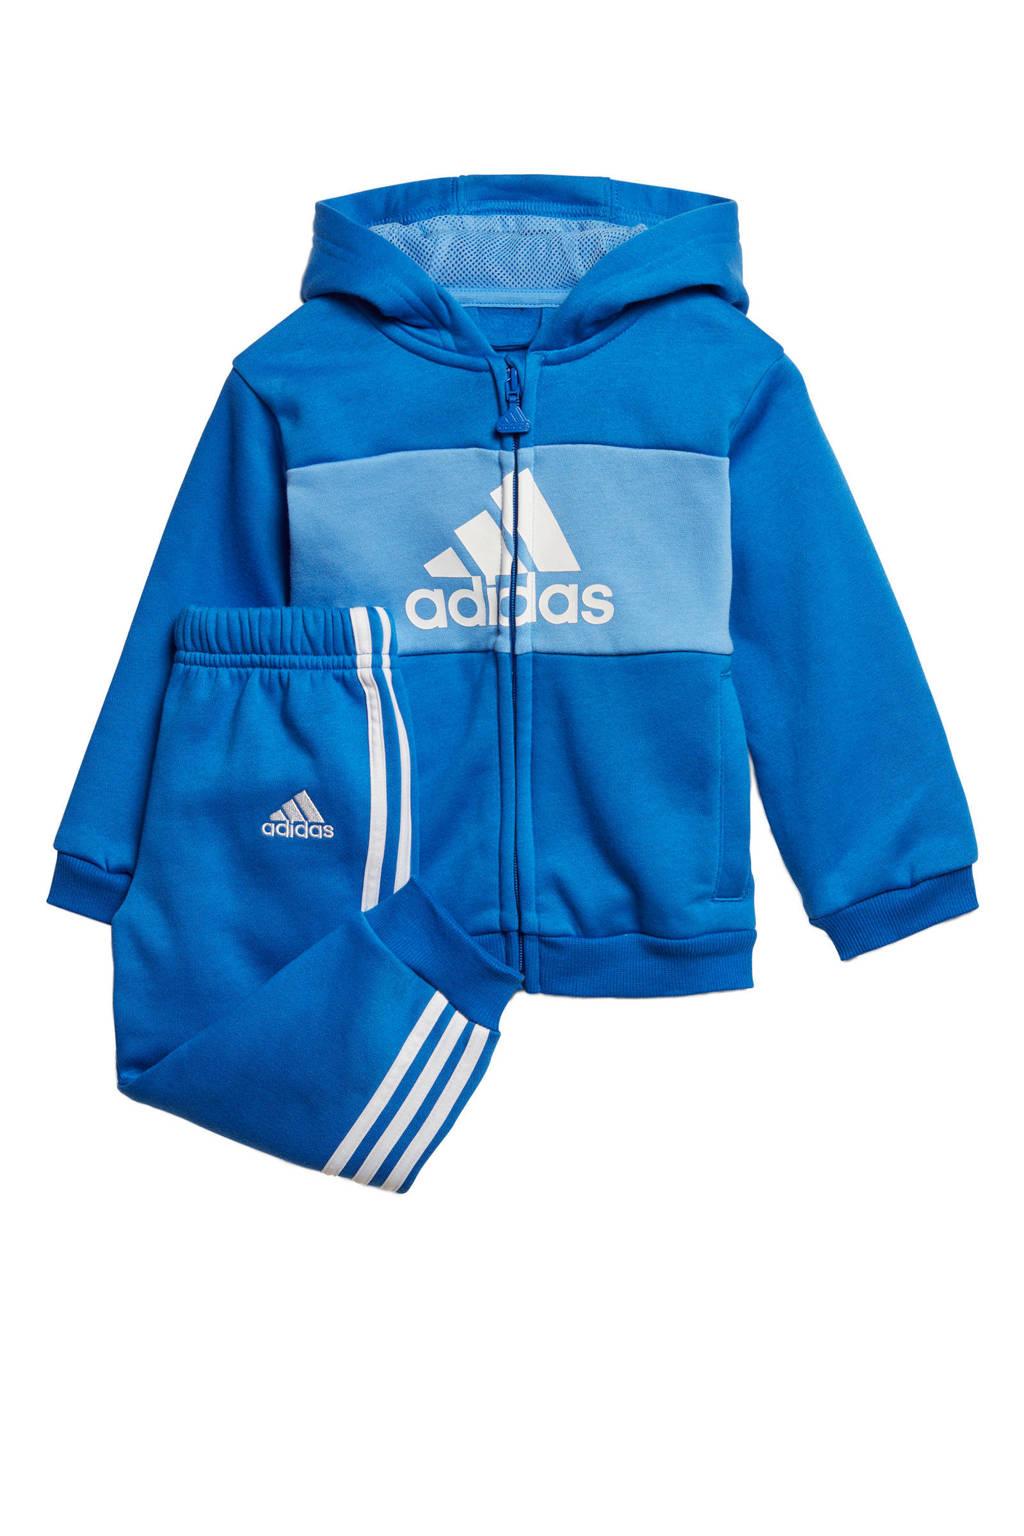 adidas   joggingpak blauw, blauw/lichtblauw/wit